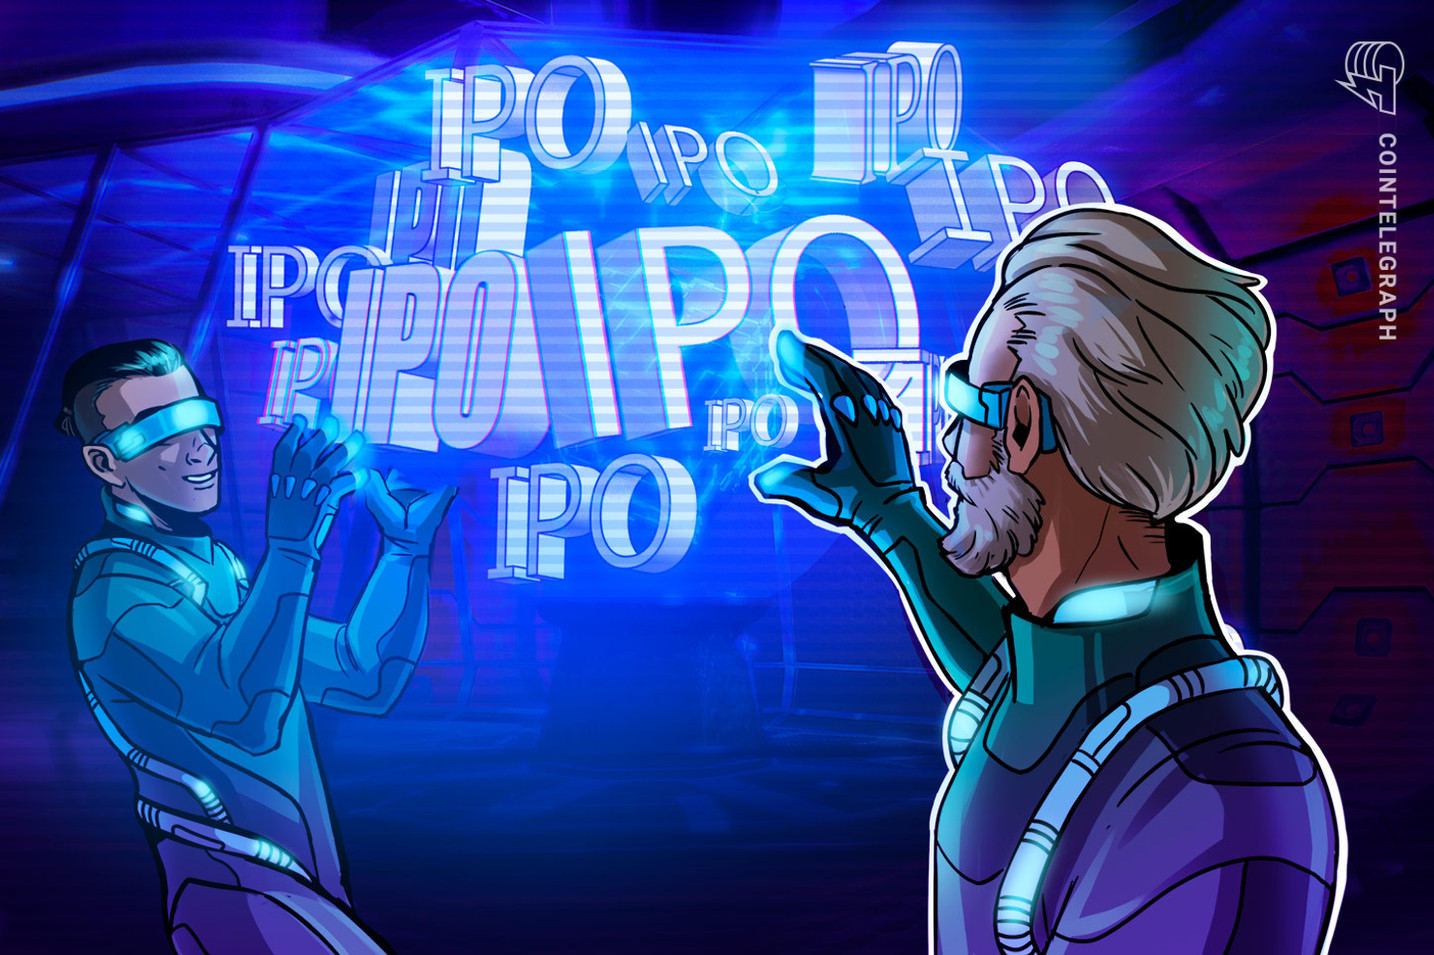 中国仮想通貨マイニング大手カナン、来週ナスダック上場へ 公開価格は9~11ドル【ニュース】